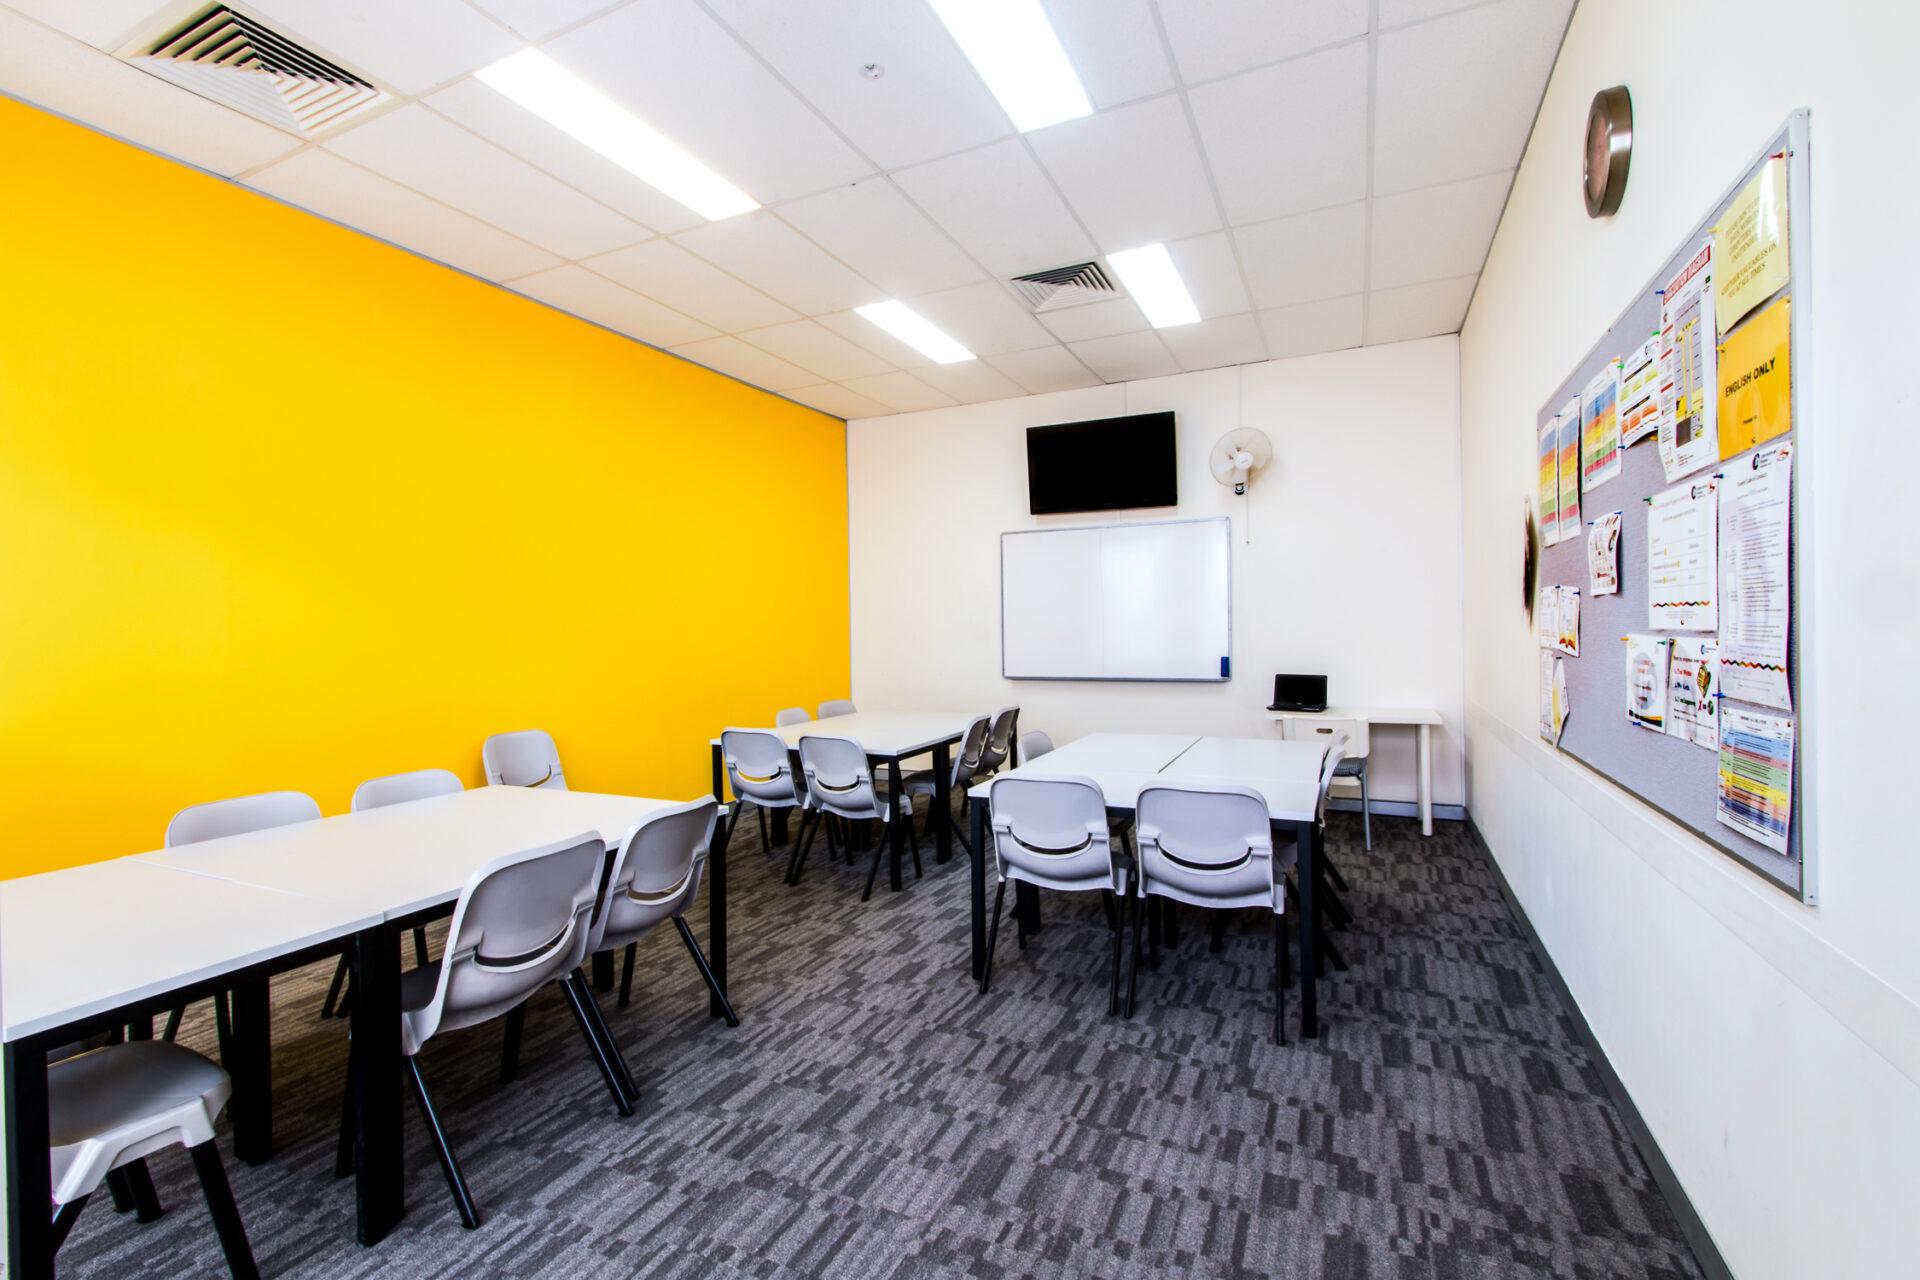 ih-brisbane-als-classroom